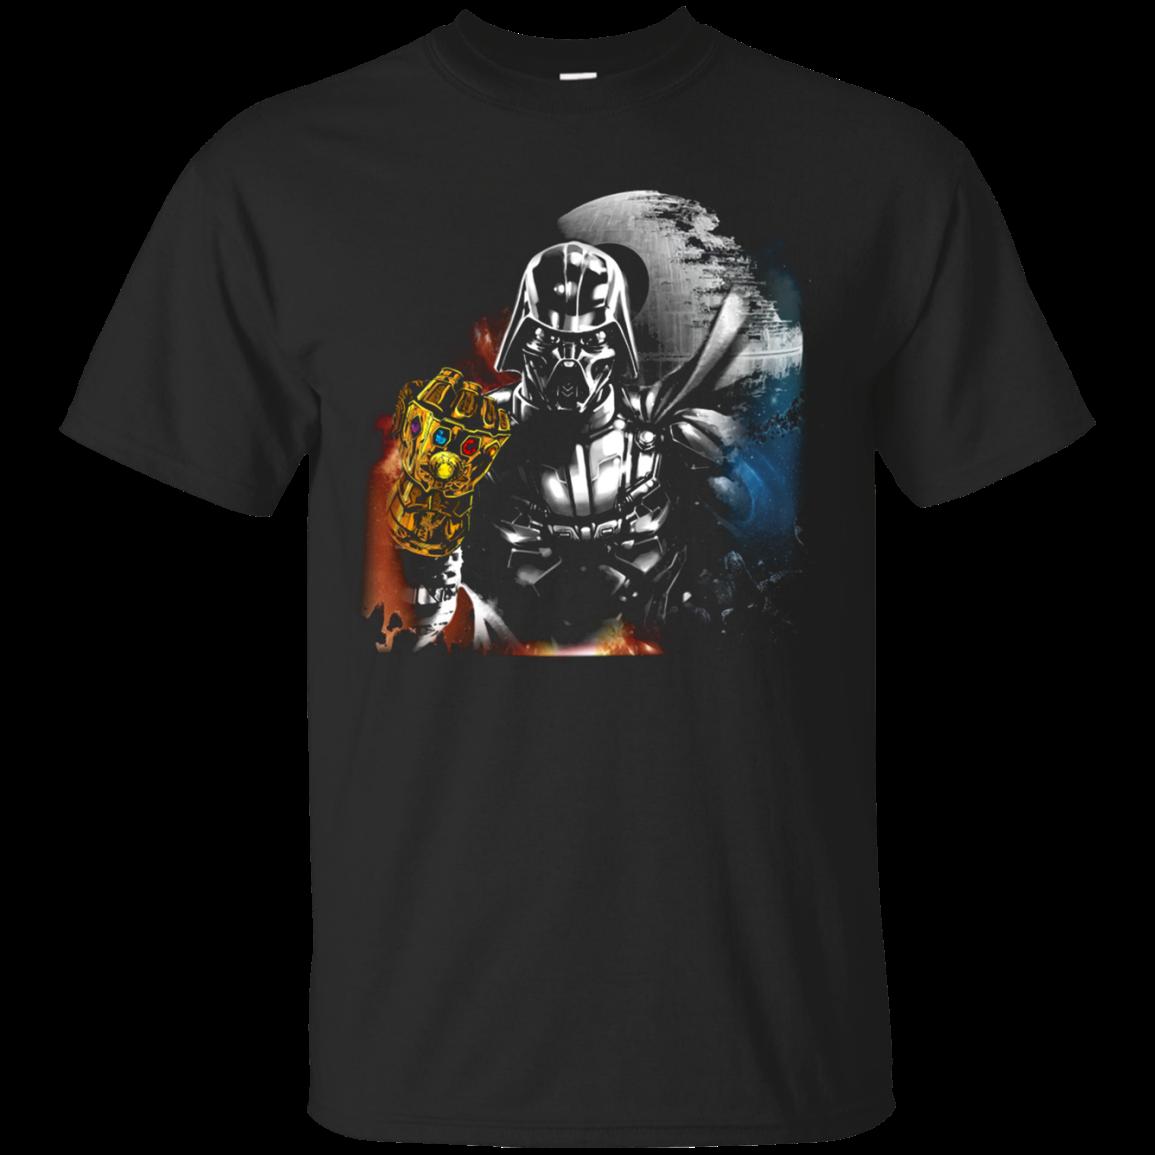 Darth Vader Gauntlet Avengers Infinity War Shirt T Shirt